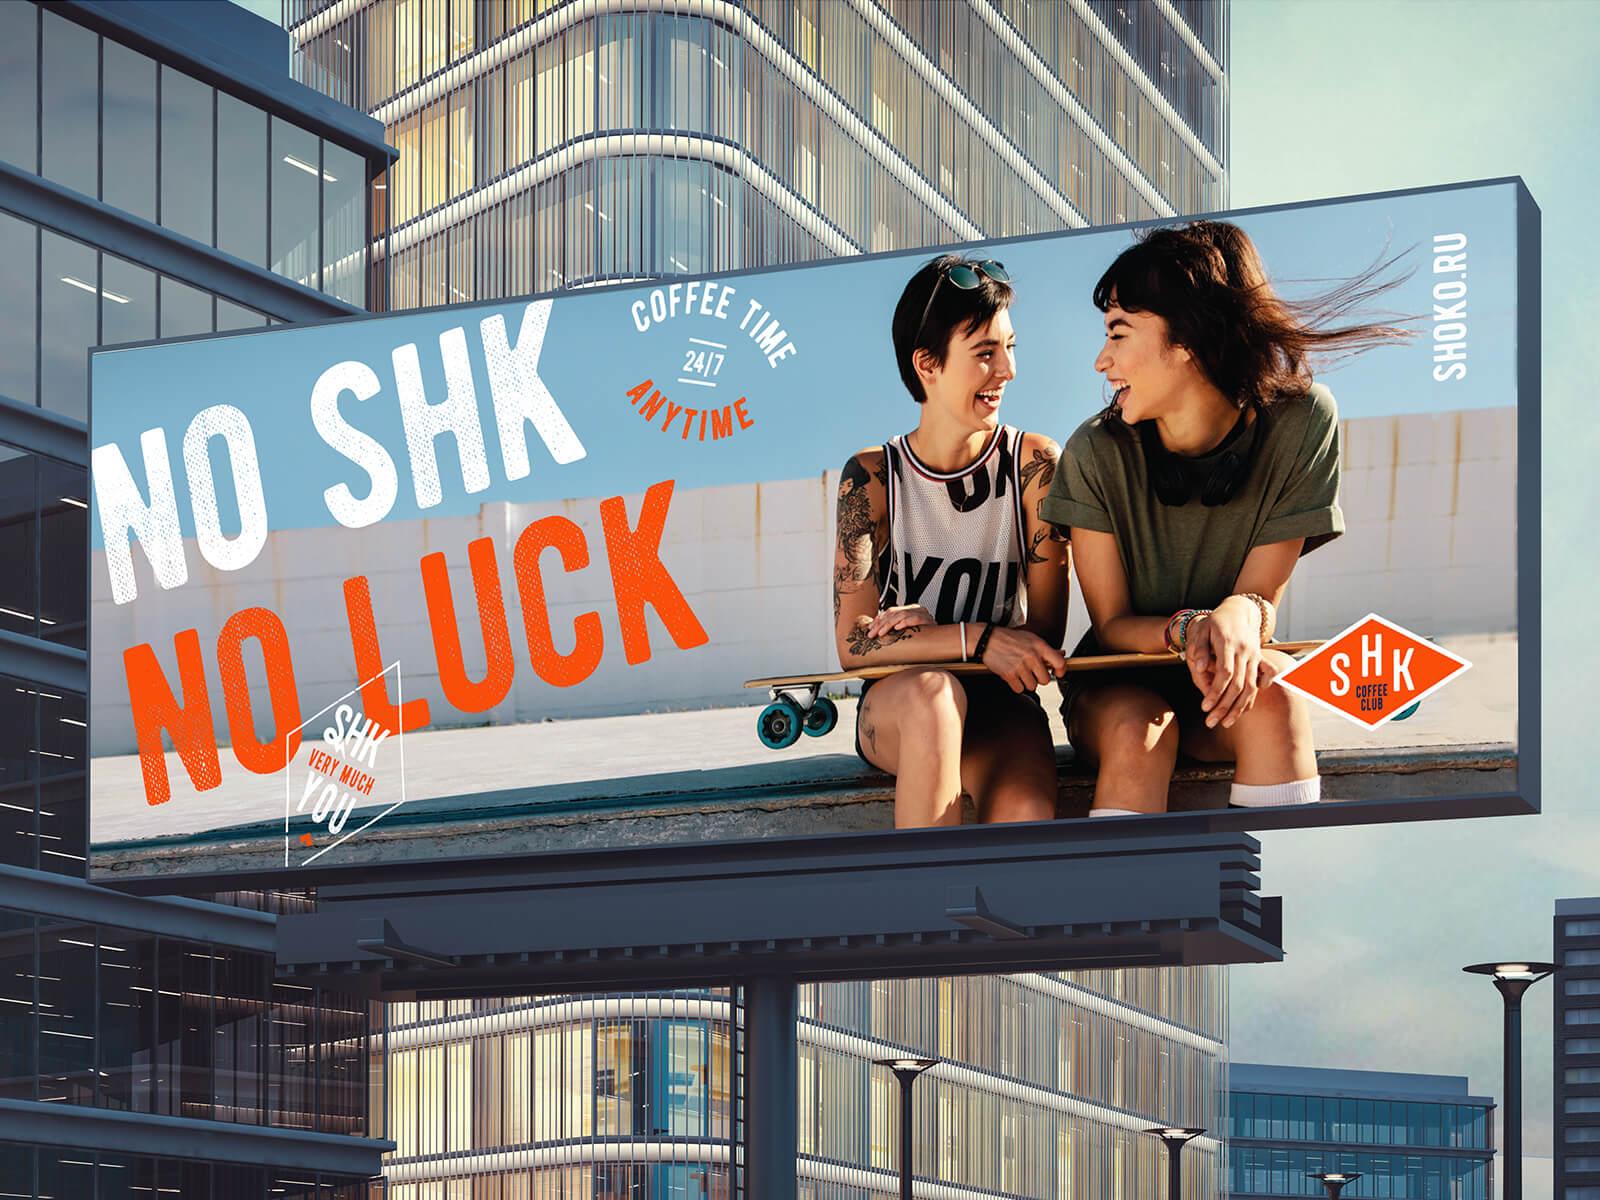 билборд shokocoffe